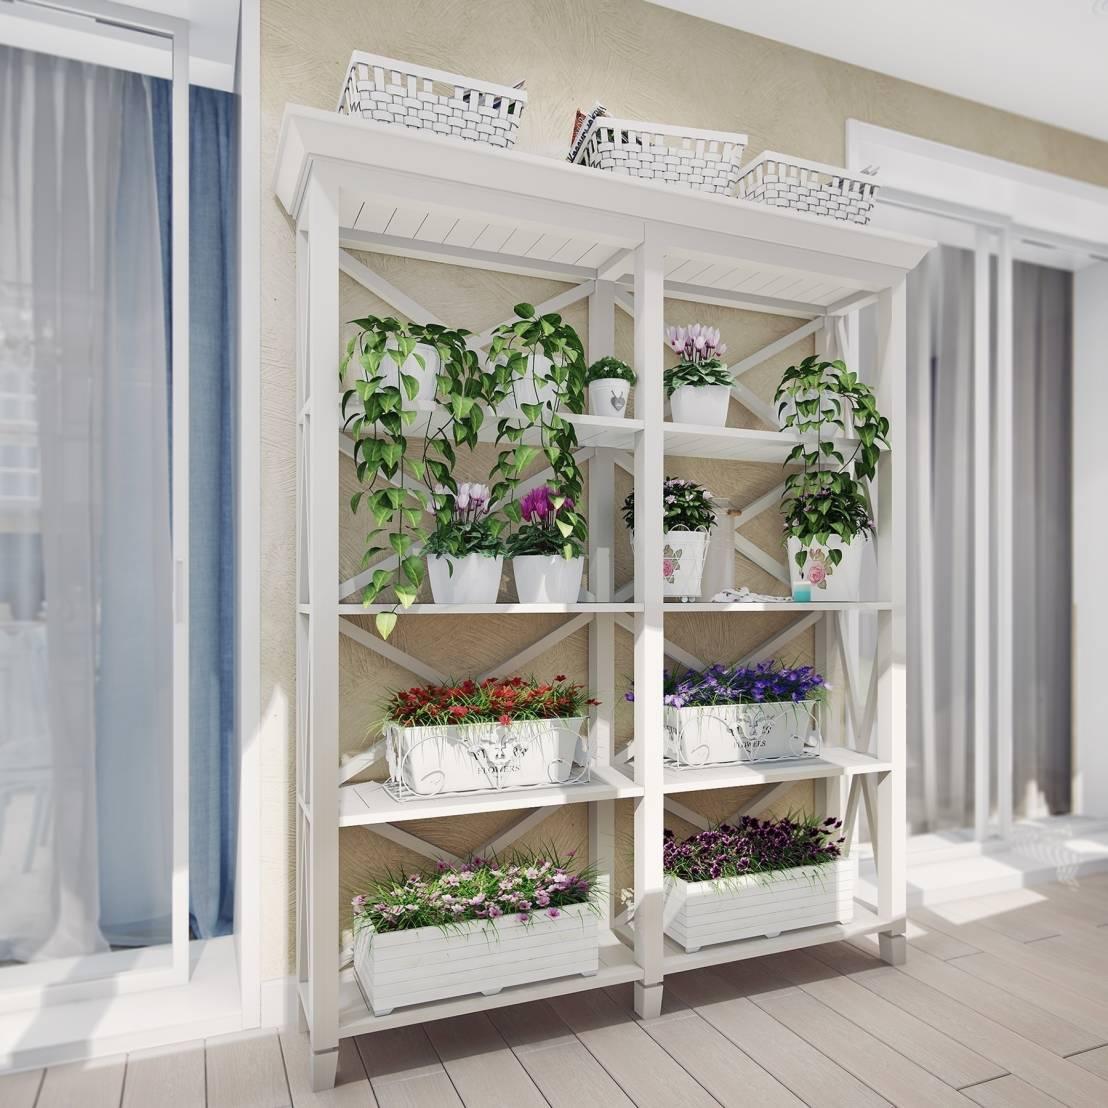 Утеплитель для лоджии и балкона изнутри, утепление пола на